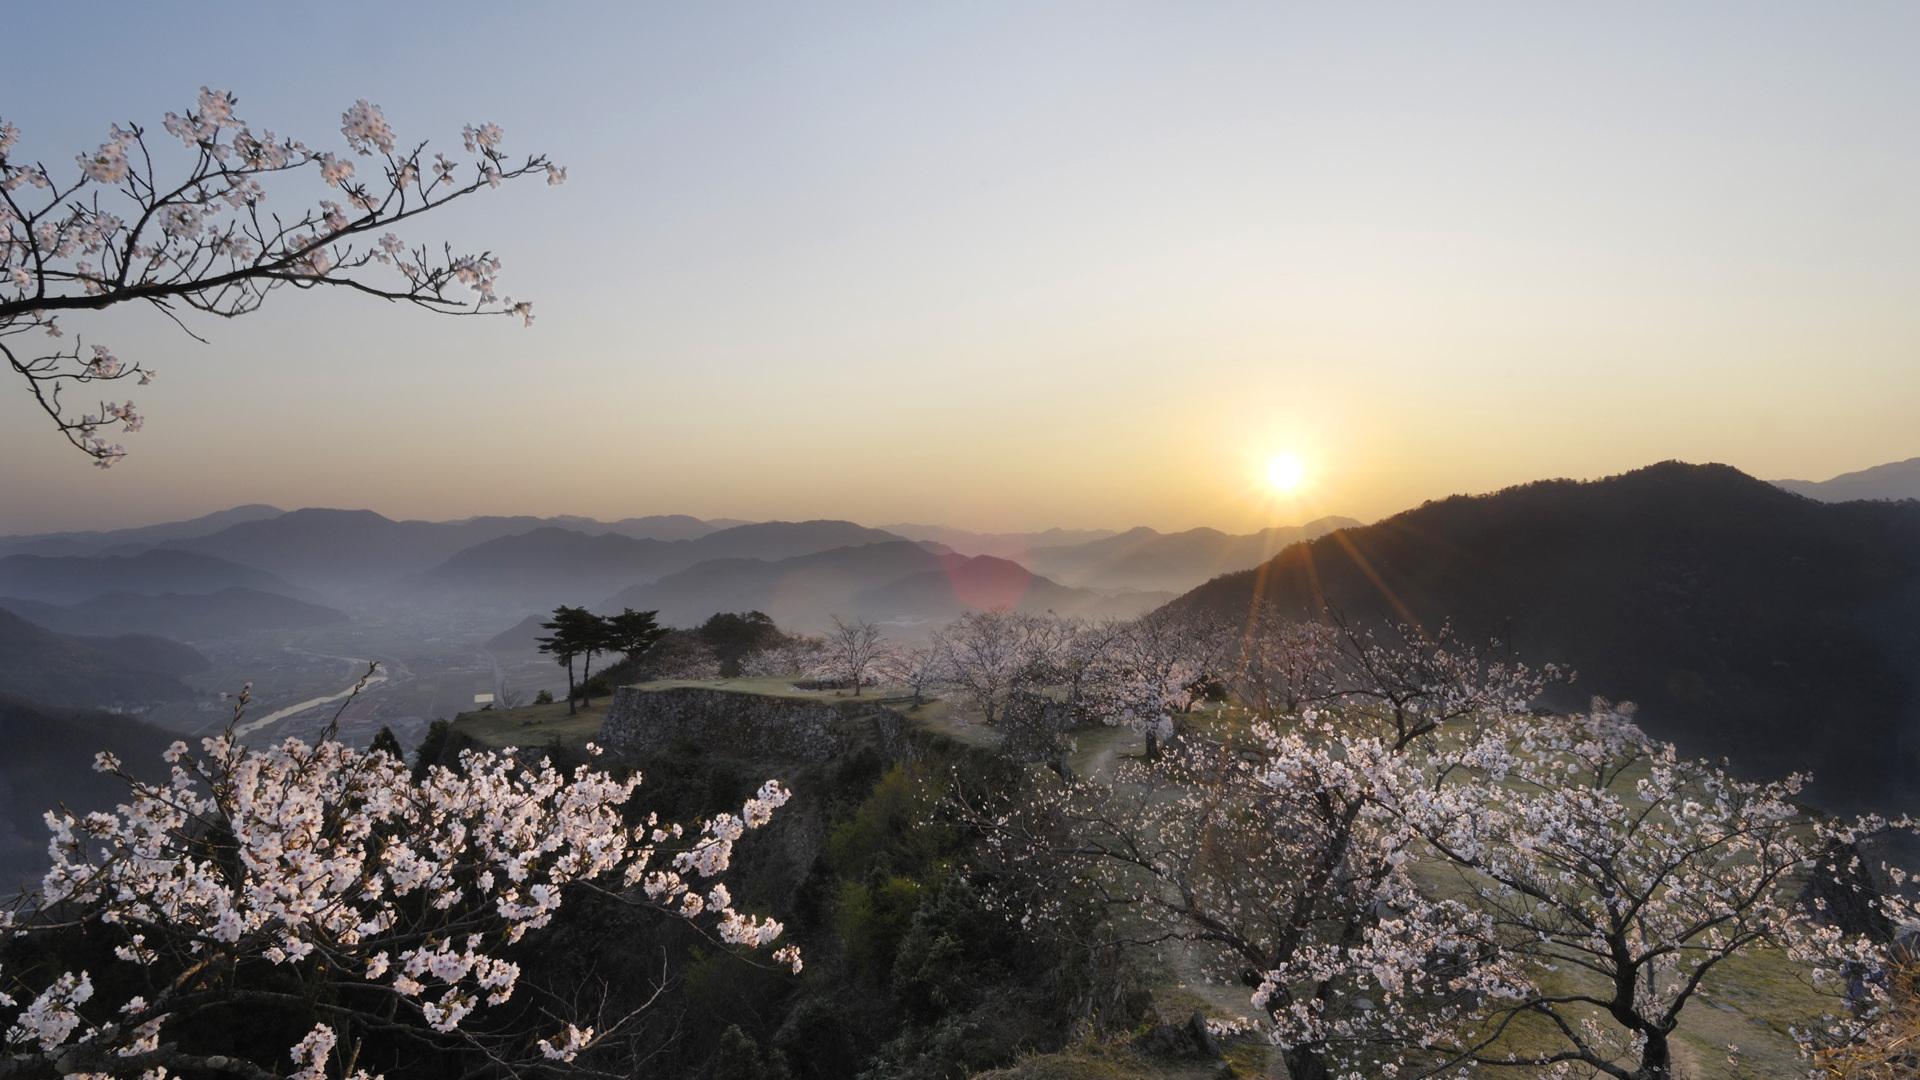 каталоге вишневые горы картинки бейшеналиев отличии